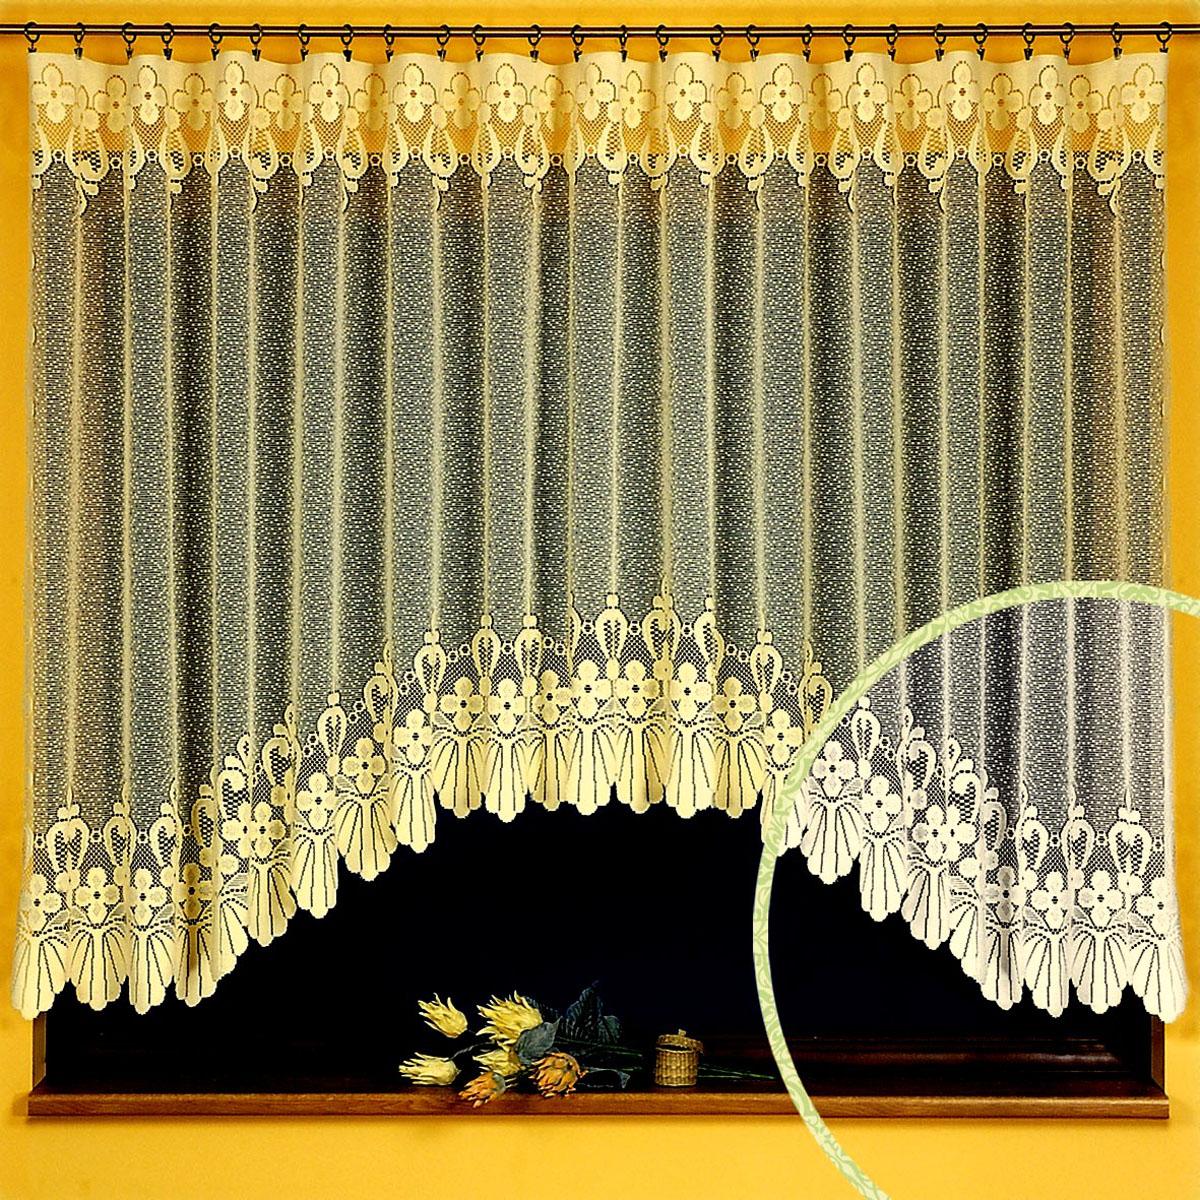 Гардина Ewa, цвет: белый, высота 150 см61782027-R29Гардина Ewa, выполненная из легкого полиэстера белого цвета, станет великолепным украшением любого окна. Тонкое плетение, оригинальный дизайн и нежная цветовая гамма привлекут внимание и украсят интерьер помещения. Гардина крепится к карнизу только с помощью зажимов (в комплект не входят). Характеристики:Материал: 100% полиэстер. Цвет: белый. Размер упаковки:24 см х 33 см х 6 см. Артикул: 446803.В комплект входит: Гардина - 1 шт. Размер (ШхВ): 350 см х 150 см. Фирма Wisan на польском рынке существует уже более пятидесяти лет и является одной из лучших польских фабрик по производству штор и тканей. Ассортимент фирмы представлен готовыми комплектами штор для гостиной, детской, кухни, а также текстилем для кухни (скатерти, салфетки, дорожки, кухонные занавески). Модельный ряд отличает оригинальный дизайн, высокое качество. Ассортимент продукции постоянно пополняется.УВАЖАЕМЫЕ КЛИЕНТЫ!Обращаем ваше внимание на цвет изделия. Цветовой вариант гардины, данной в интерьере, служит для визуального восприятия товара. Цветовая гамма данной гардины представлена на отдельном изображении фрагментом ткани.